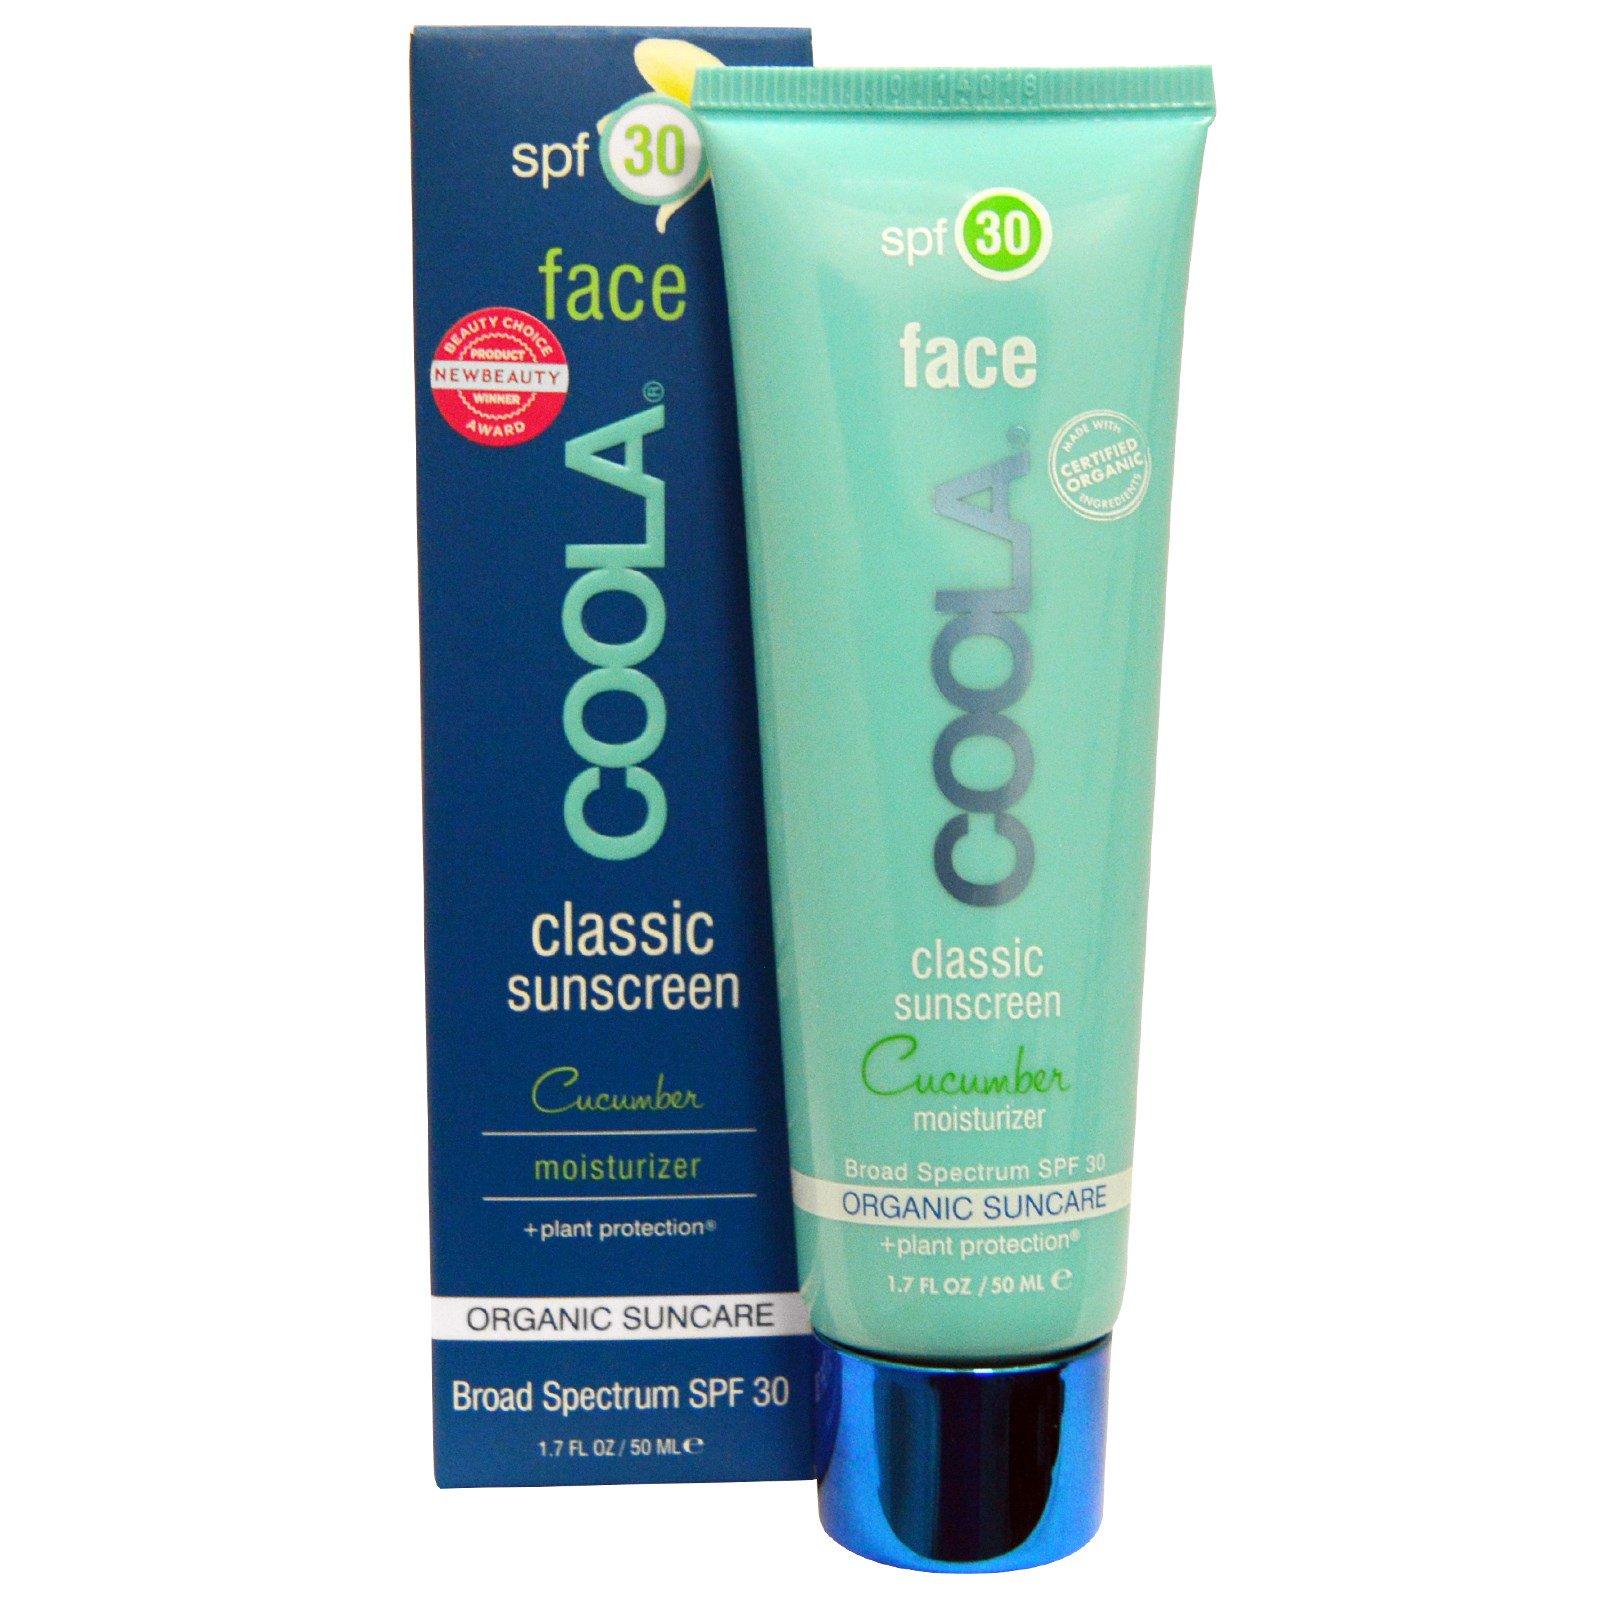 COOLA Organic Suncare Collection, Классический солнцезащитный крем для лица с SPF 30 и огуречным ароматом, 50 мл